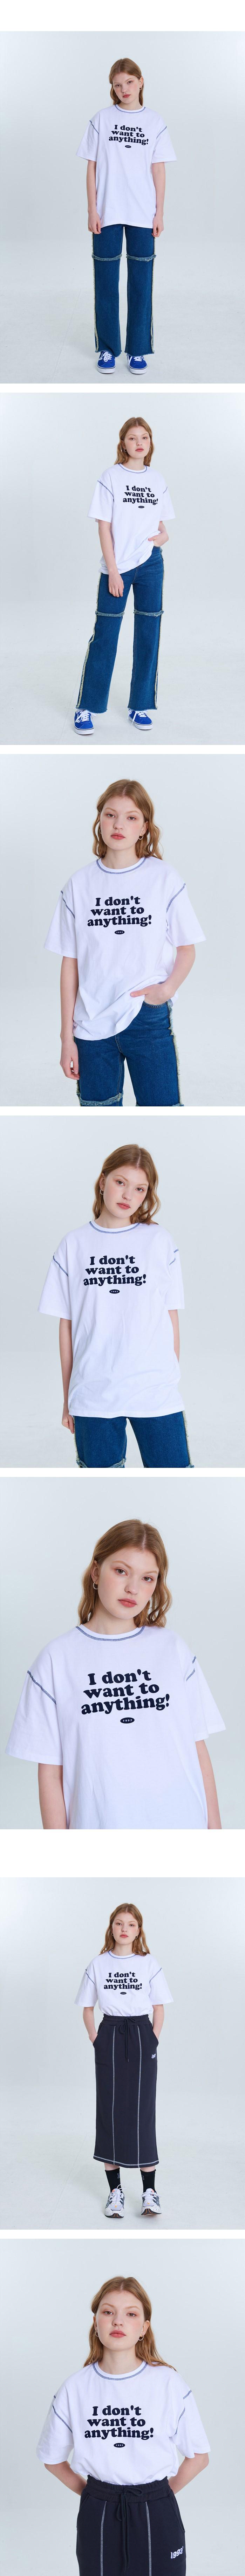 1993스튜디오(1993STUDIO) 후로피 레터링 티셔츠